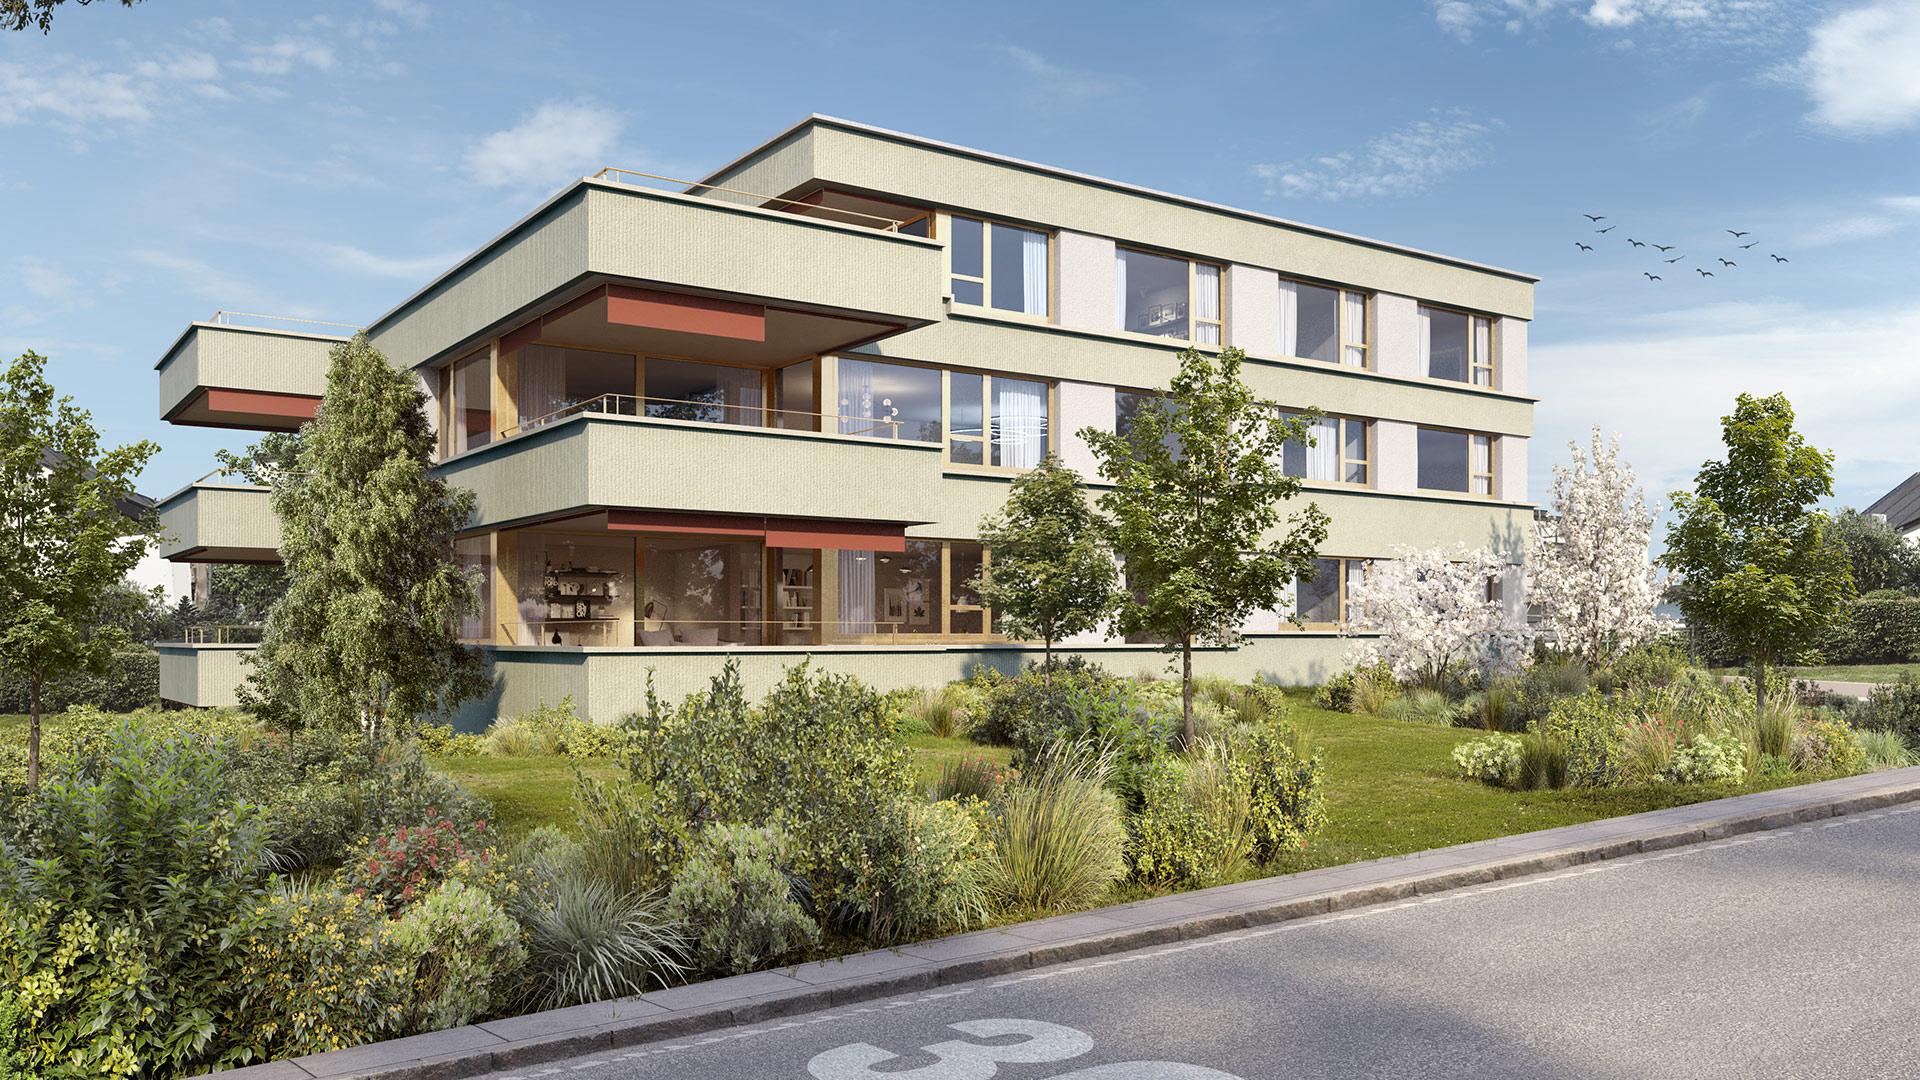 Wohnen im Park Berikon - Wohnung A11